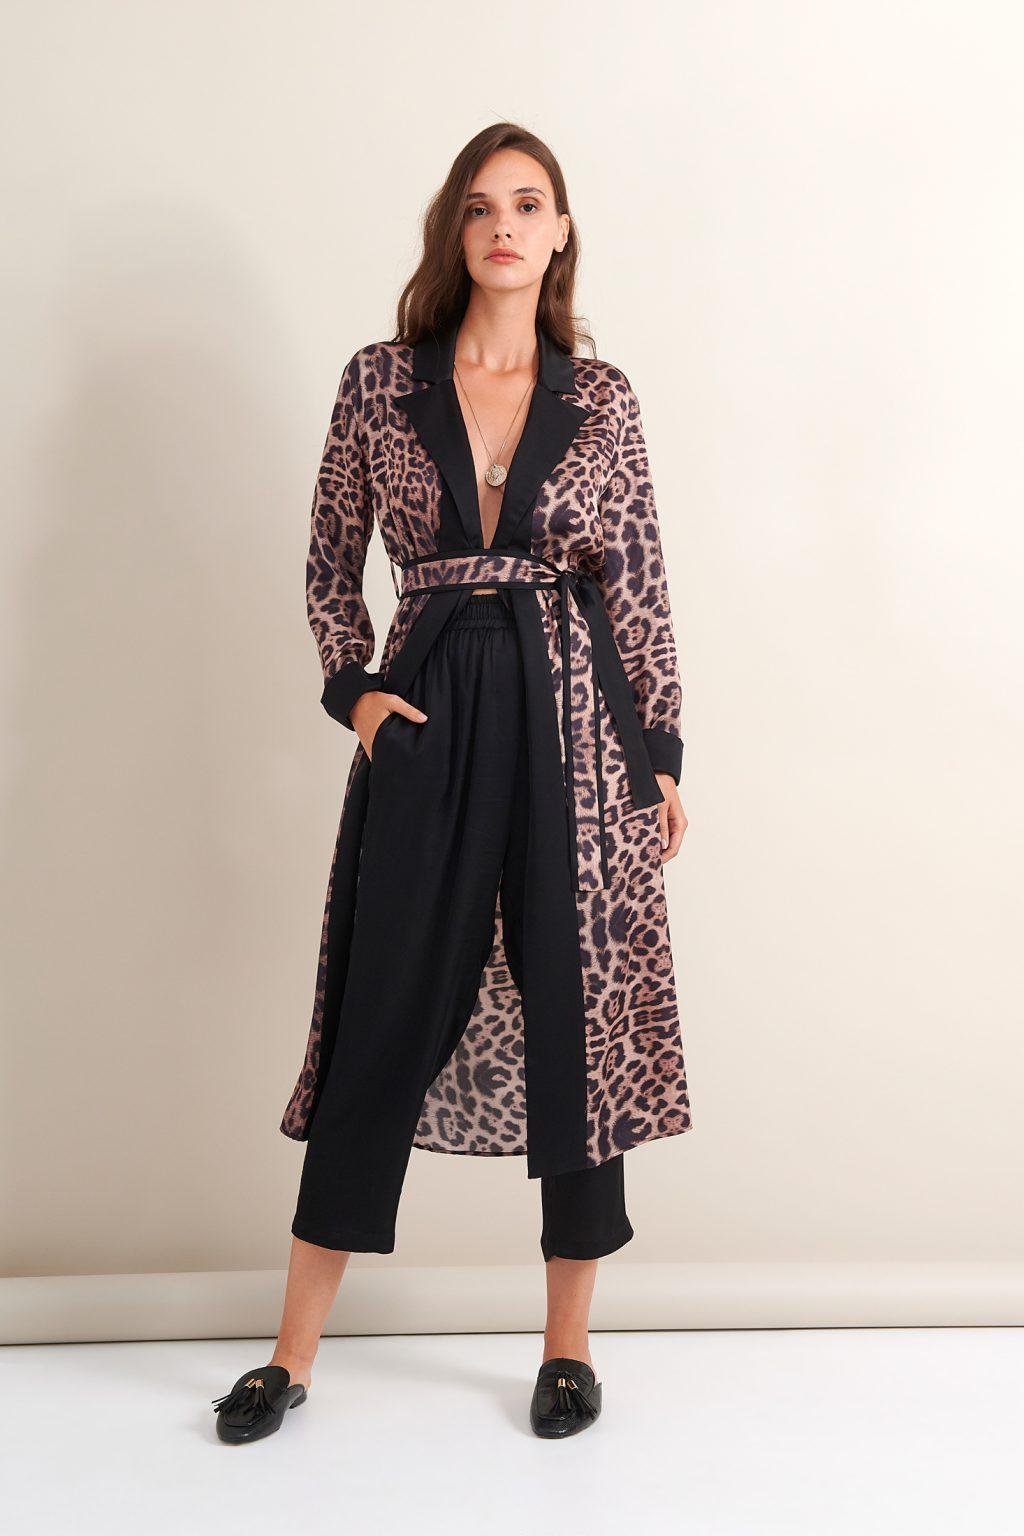 Γυναικεία Ρούχα LACE ROBE DRESS ANIMAL PRINT